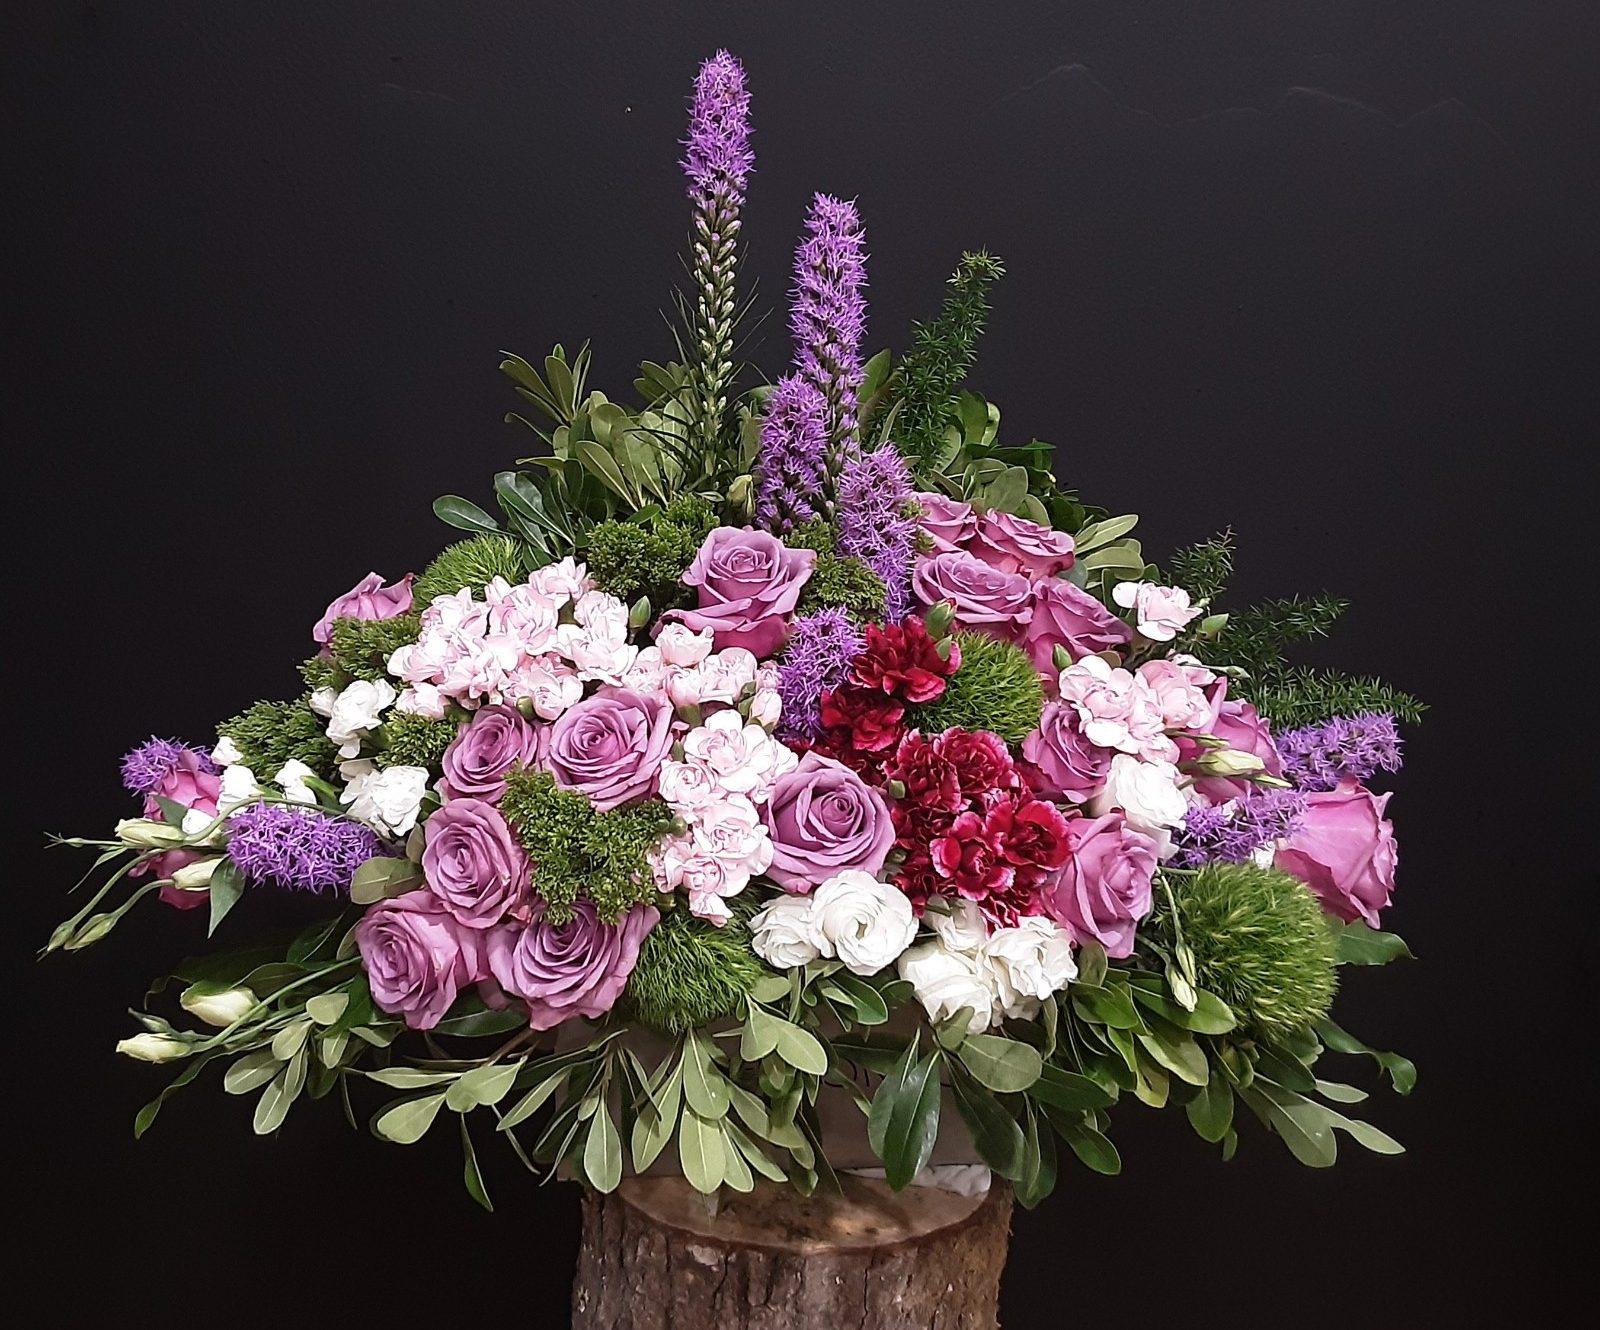 Centro de liatris y rosas en tonos granate y violeta.